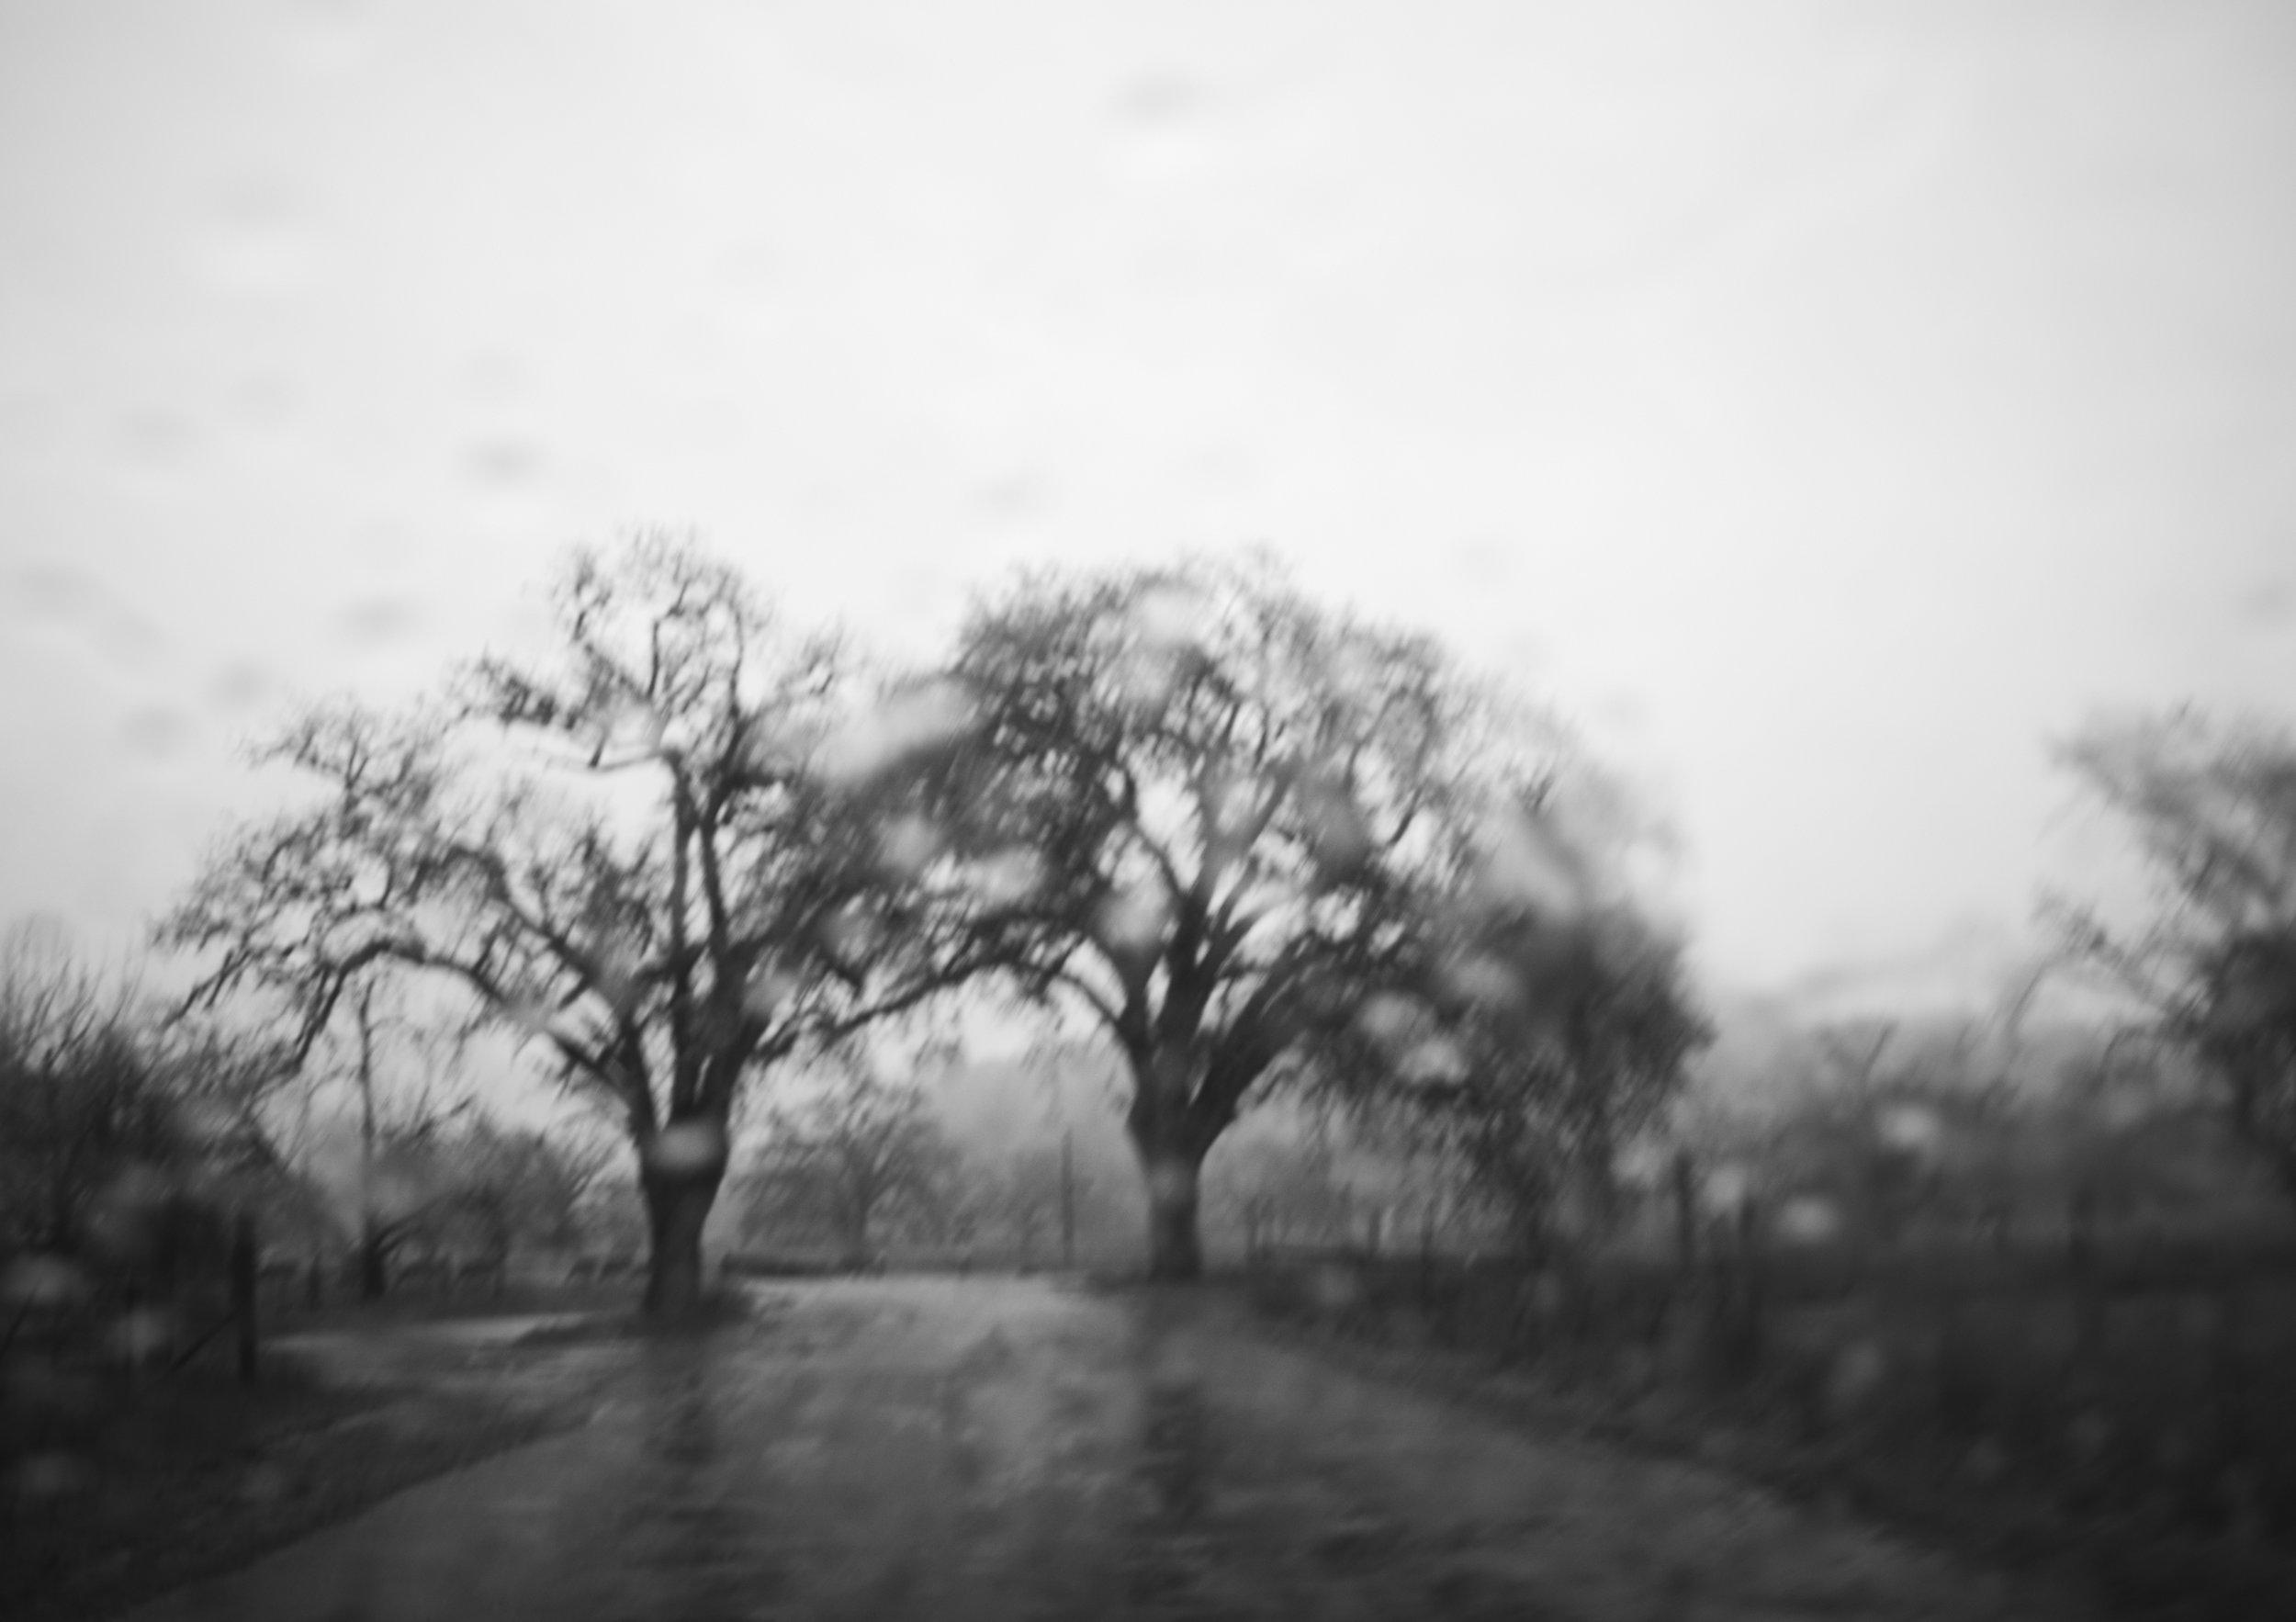 trees_1803_alt.jpg